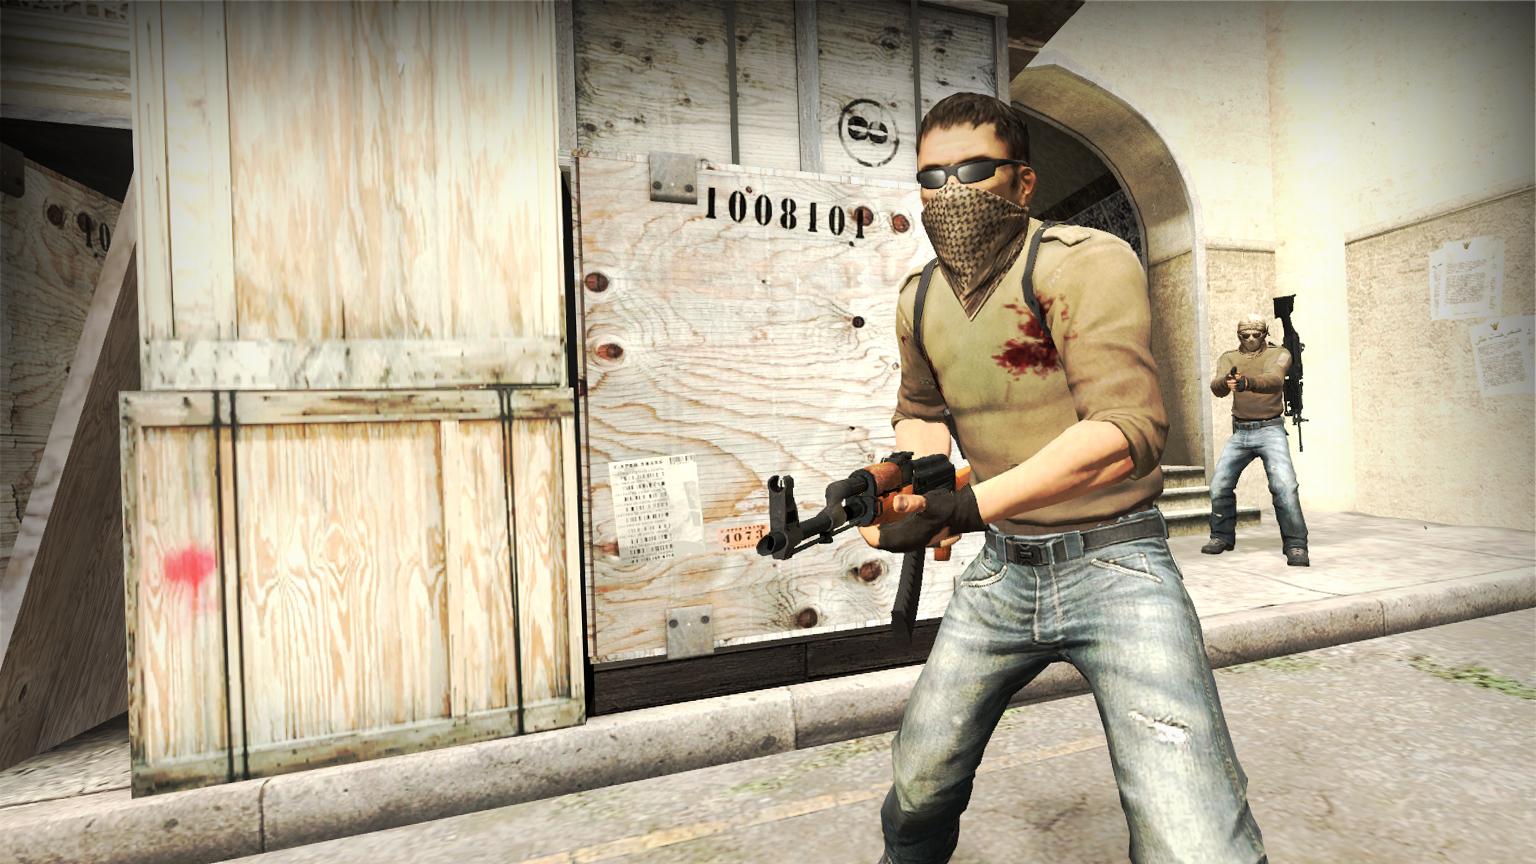 Valve deserves more of the blame for Counter-Strike's disgraceful gambling scene